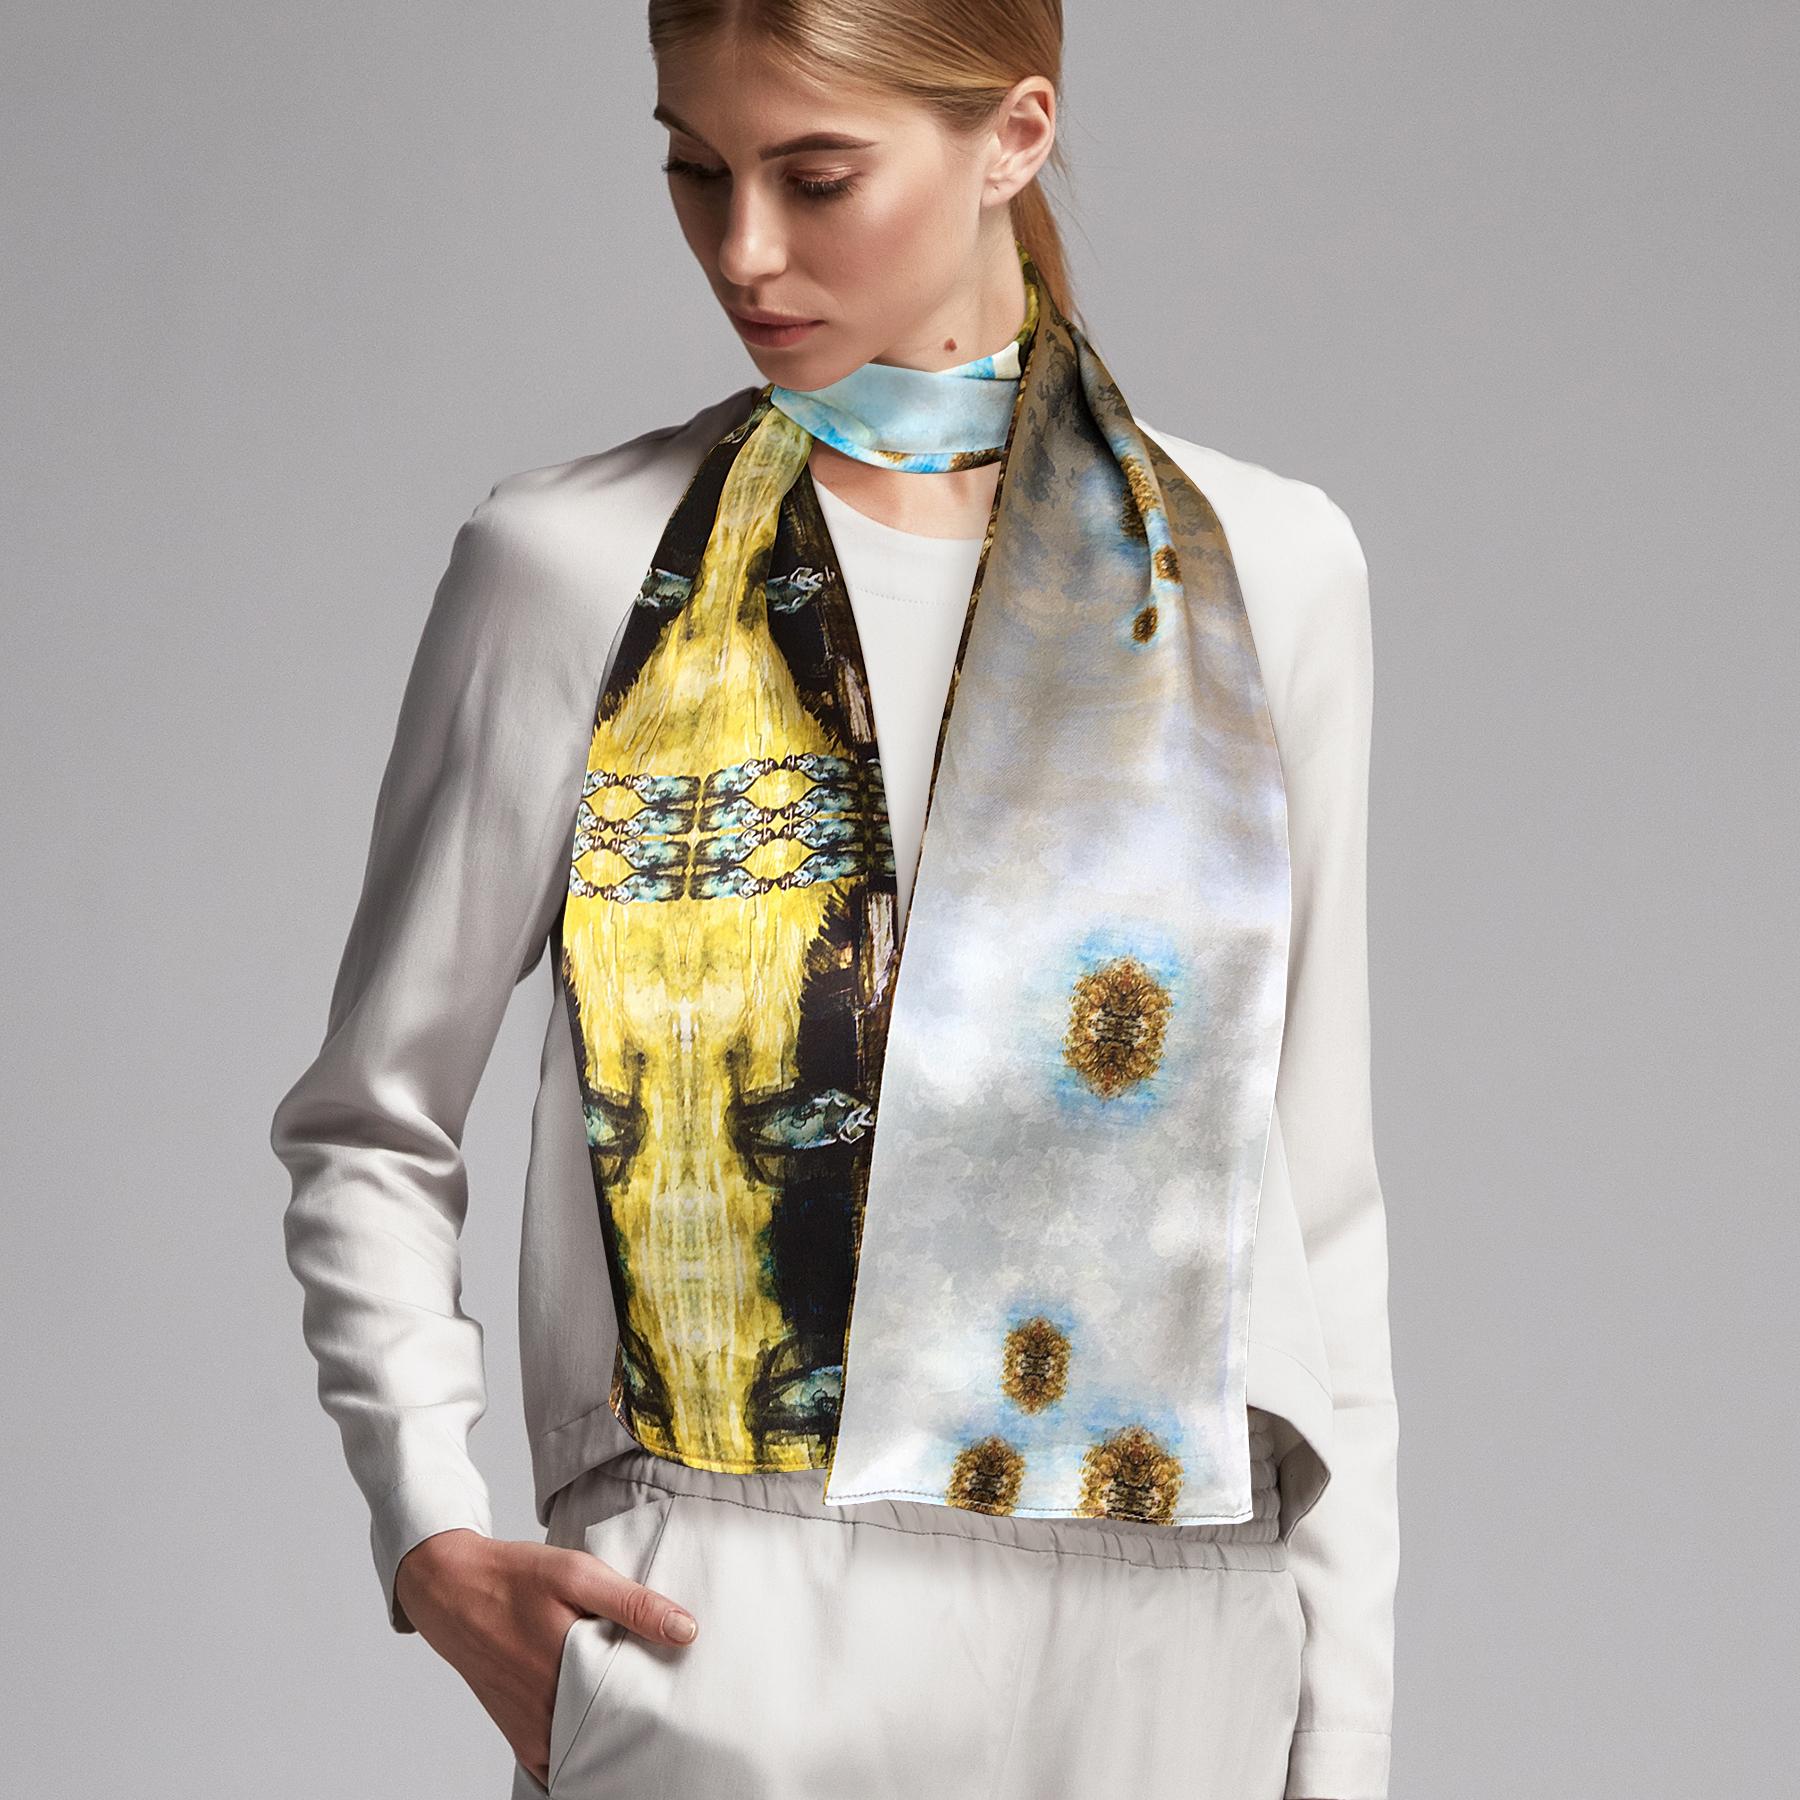 Ontwerp van zijden shawls